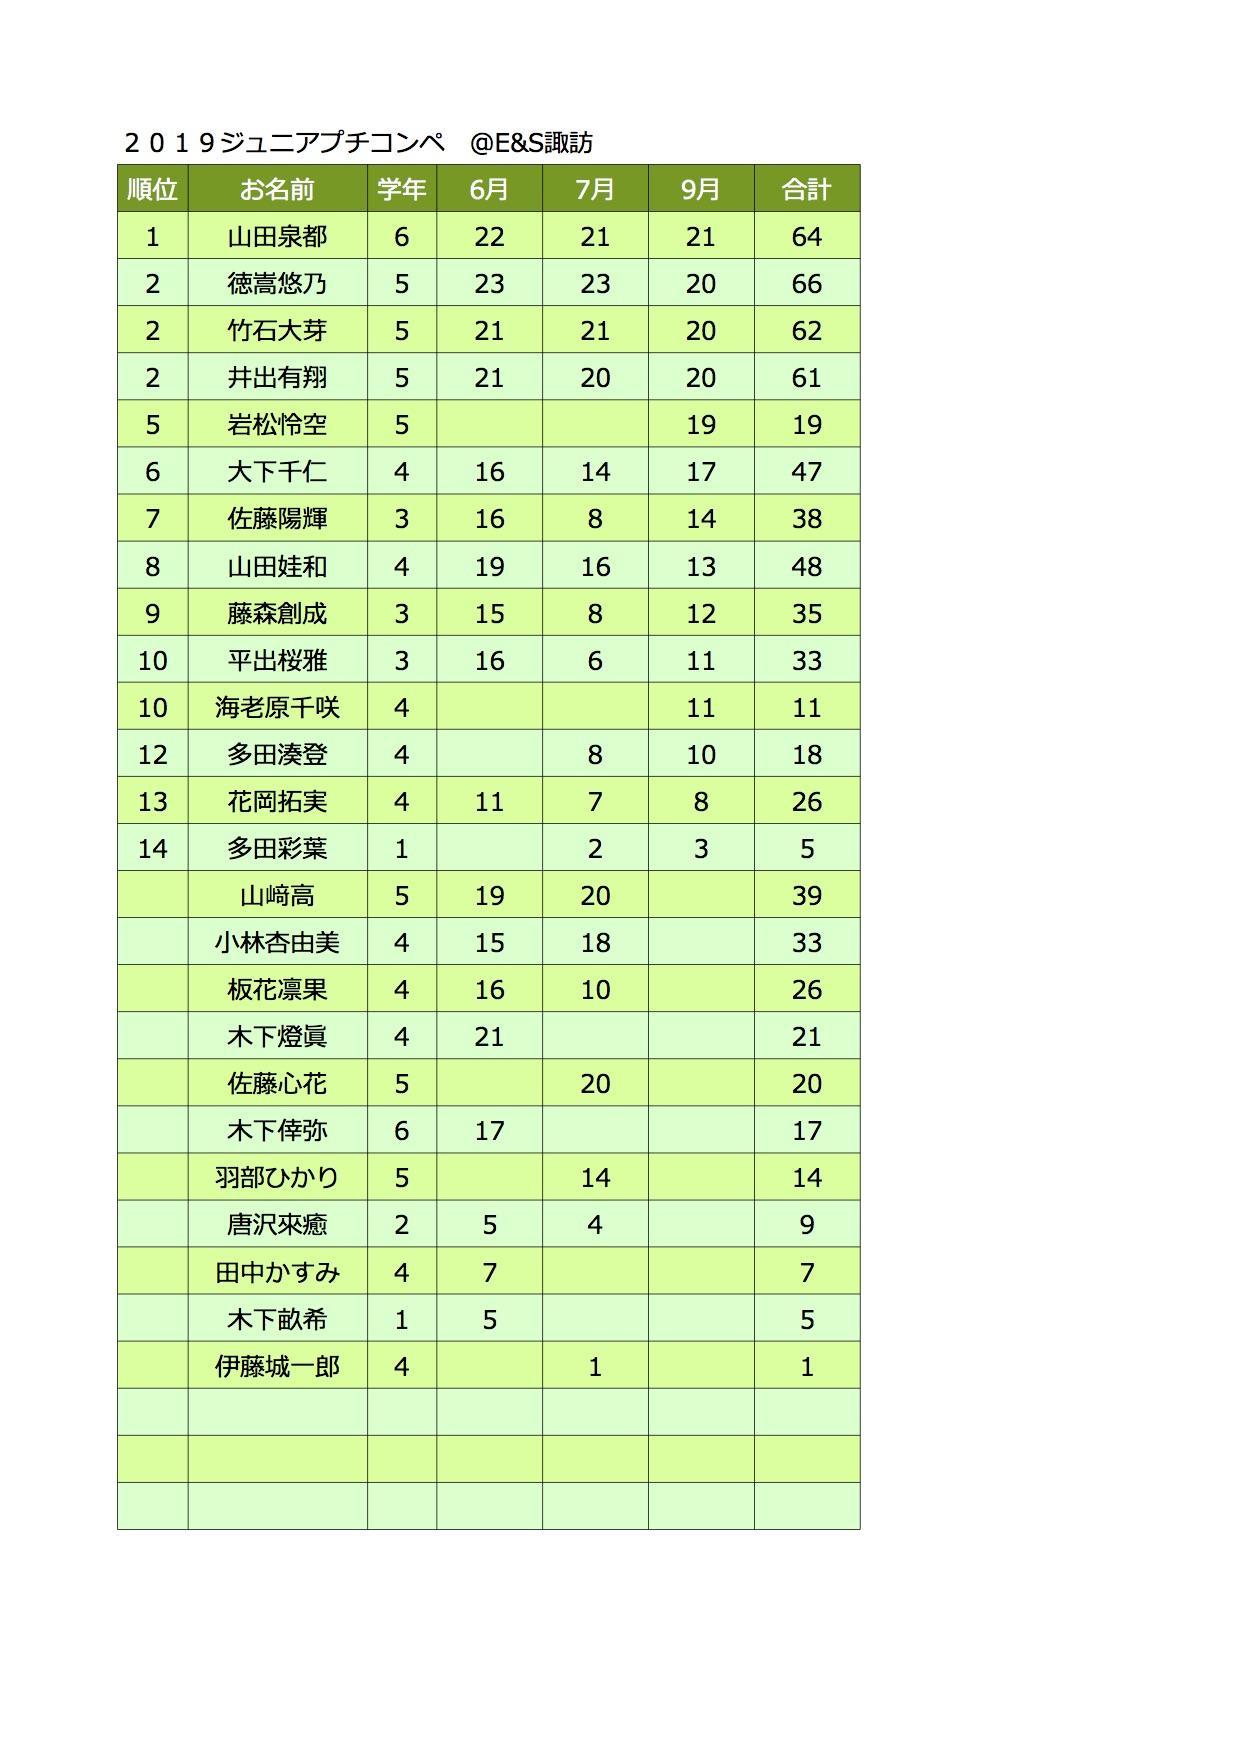 ジュニアプチコンペ集計表9月.jpg